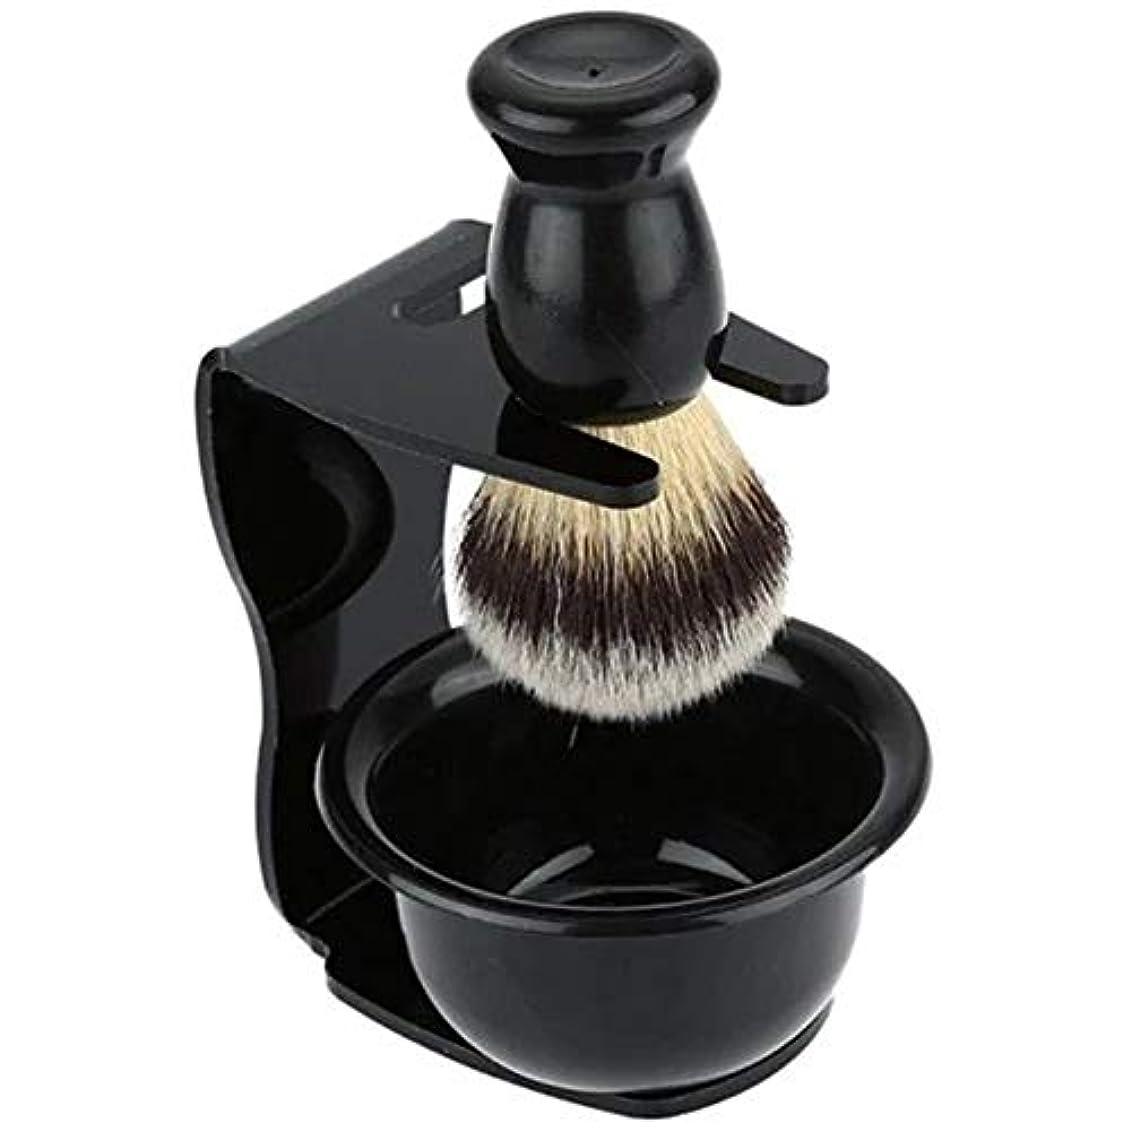 人メッシュ推定あごひげケア 美容ツール 泡立ちが違う アナグマ 毛 シェービング ブラシ スタンド付き 理容 洗顔 髭剃り マッサージ 効果 キャンプ 旅行 家庭